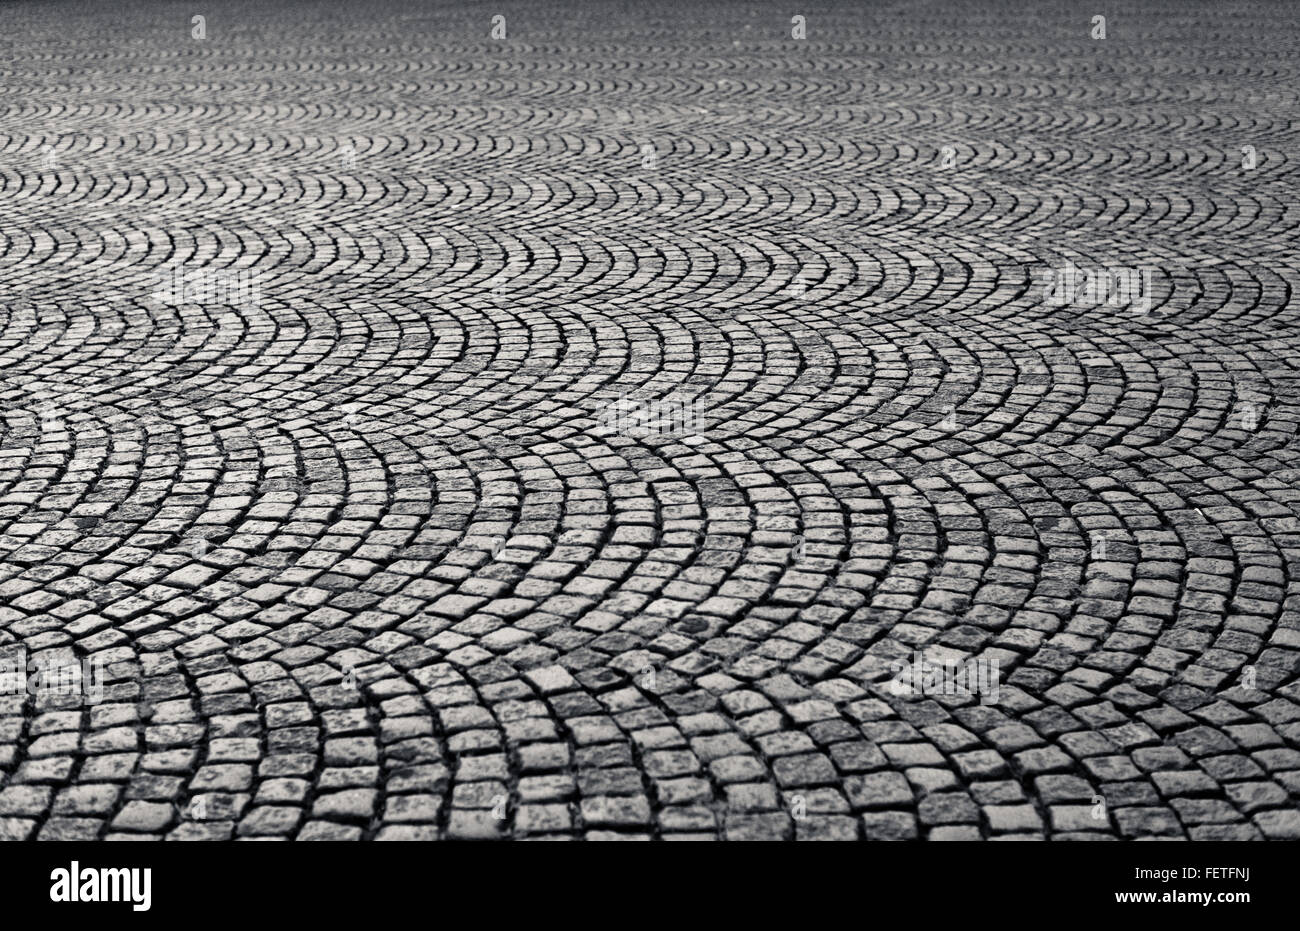 Close Up Of Cobblestone Square - Stock Image